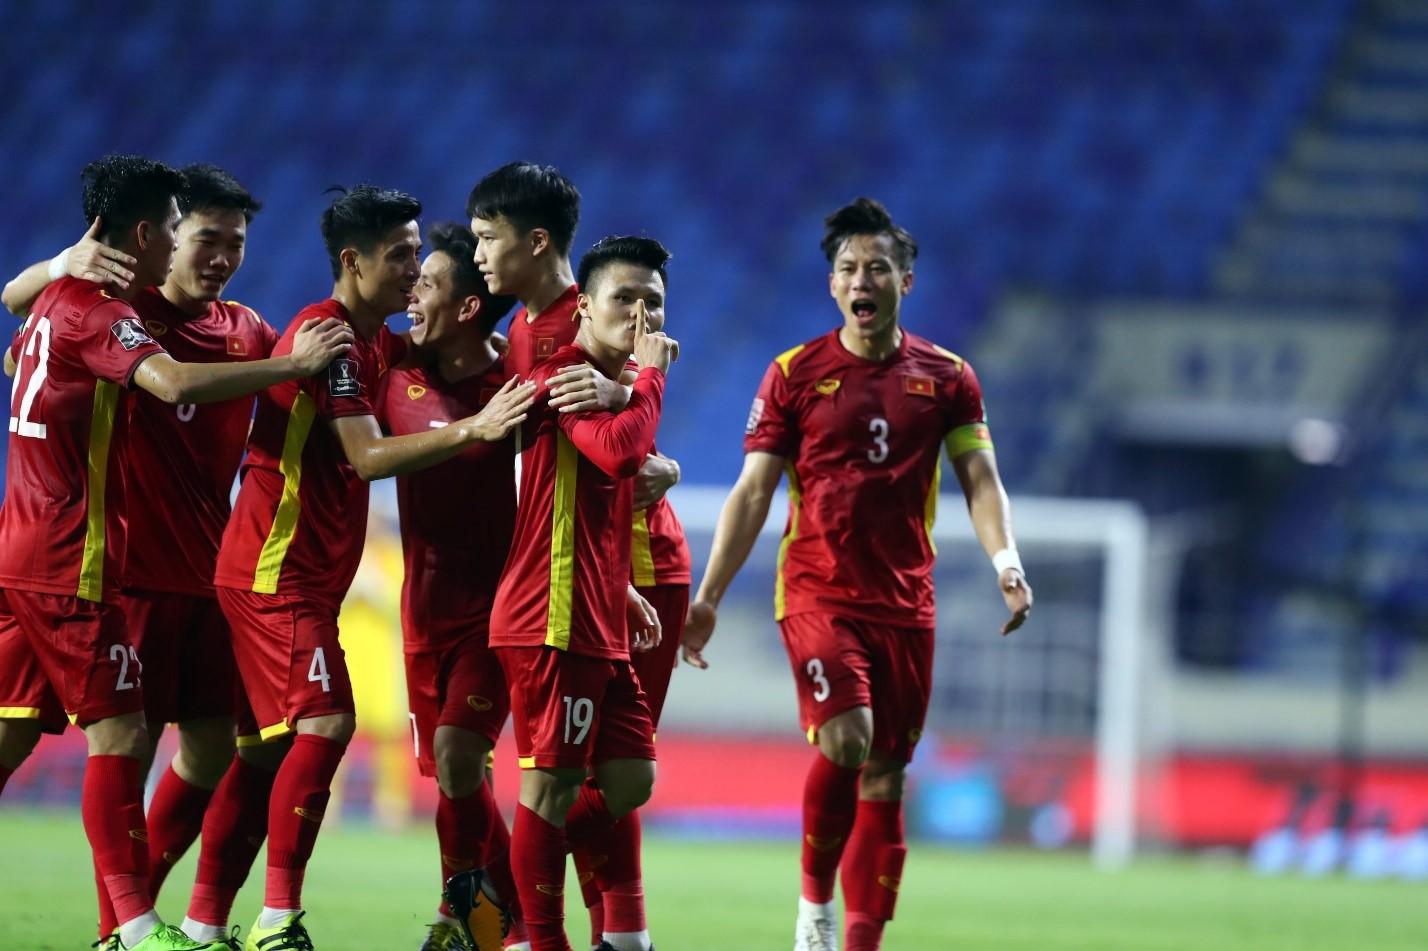 Herbalife Việt Nam kỳ vọng trở thành hậu phương vững chắc cho đội tuyển bóng đá quốc gia Việt Nam. Ảnh: VFF.